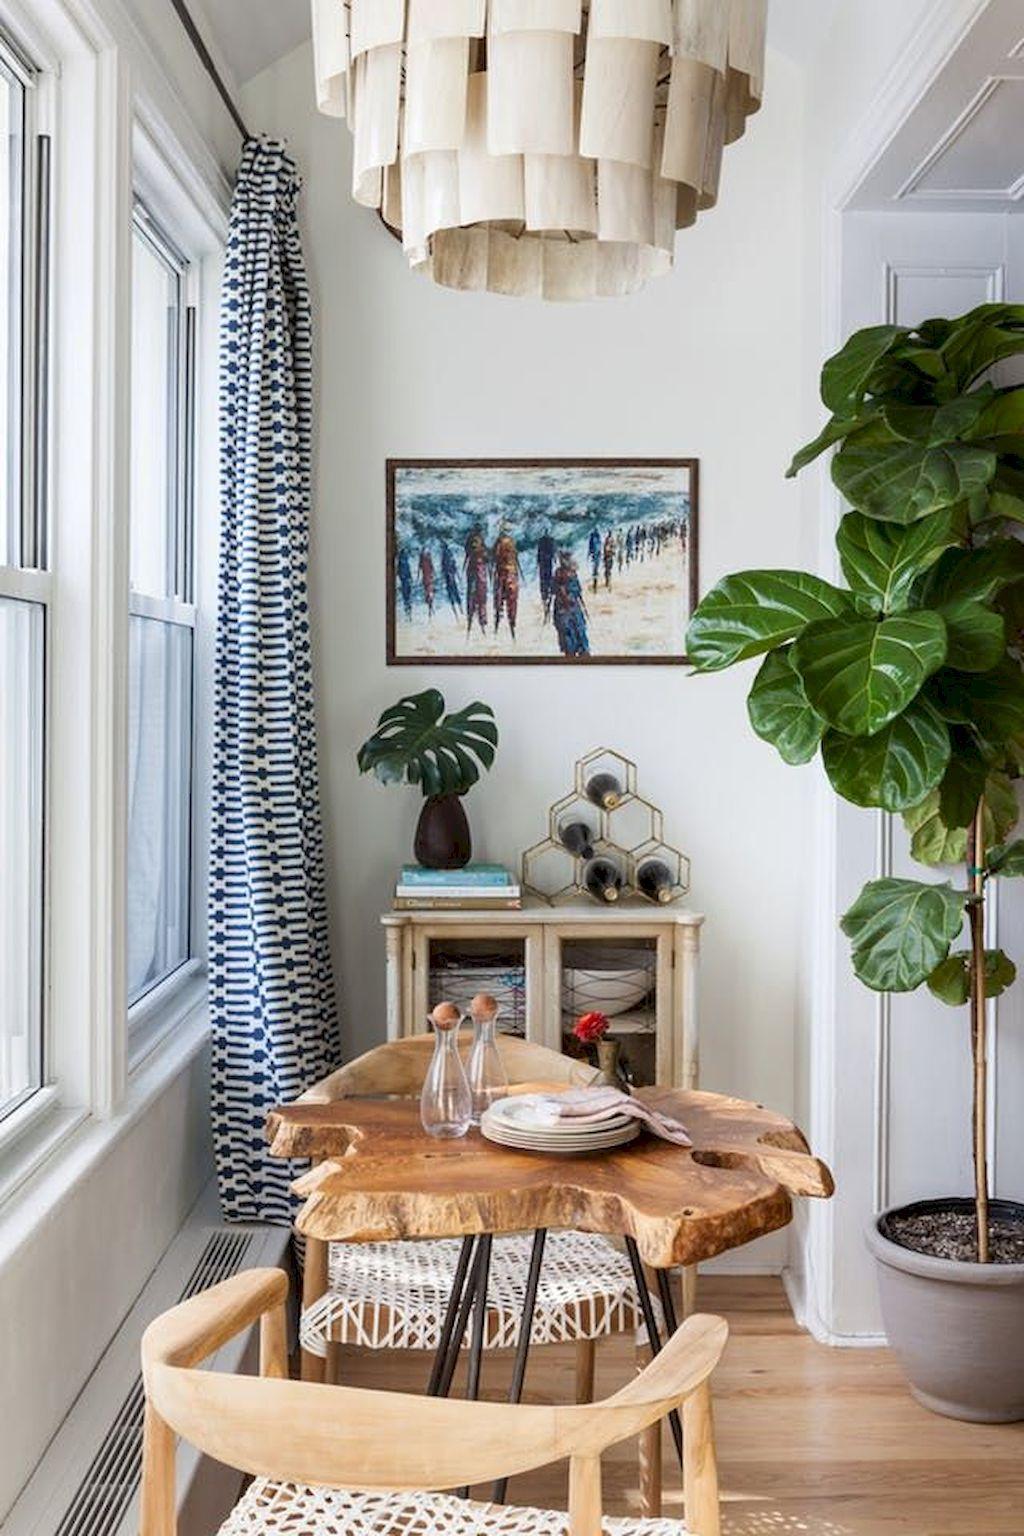 40 Clever Rental Apartment Hacks Ideas | Interior design ...